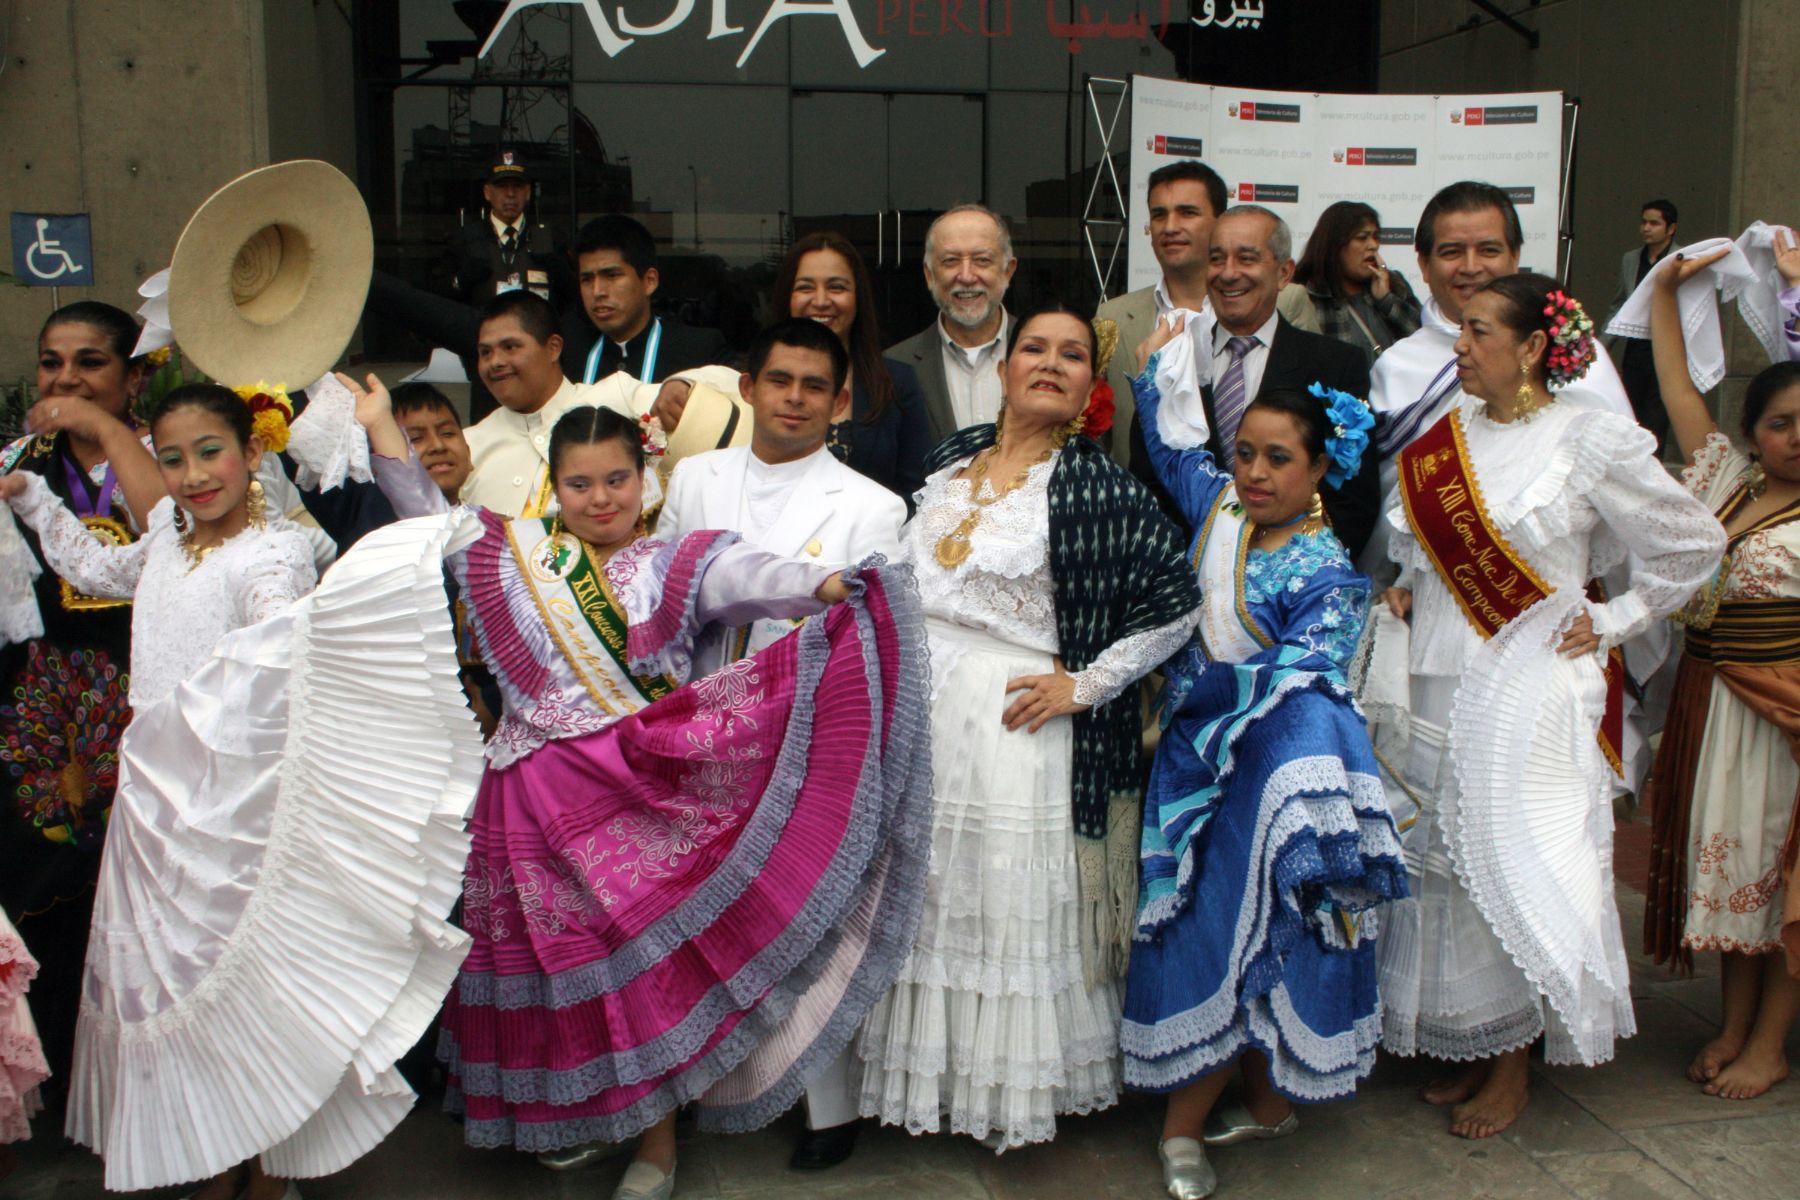 Con algarabía celebran Día de la Marinera en sede del Ministerio de ... 85826d5580f